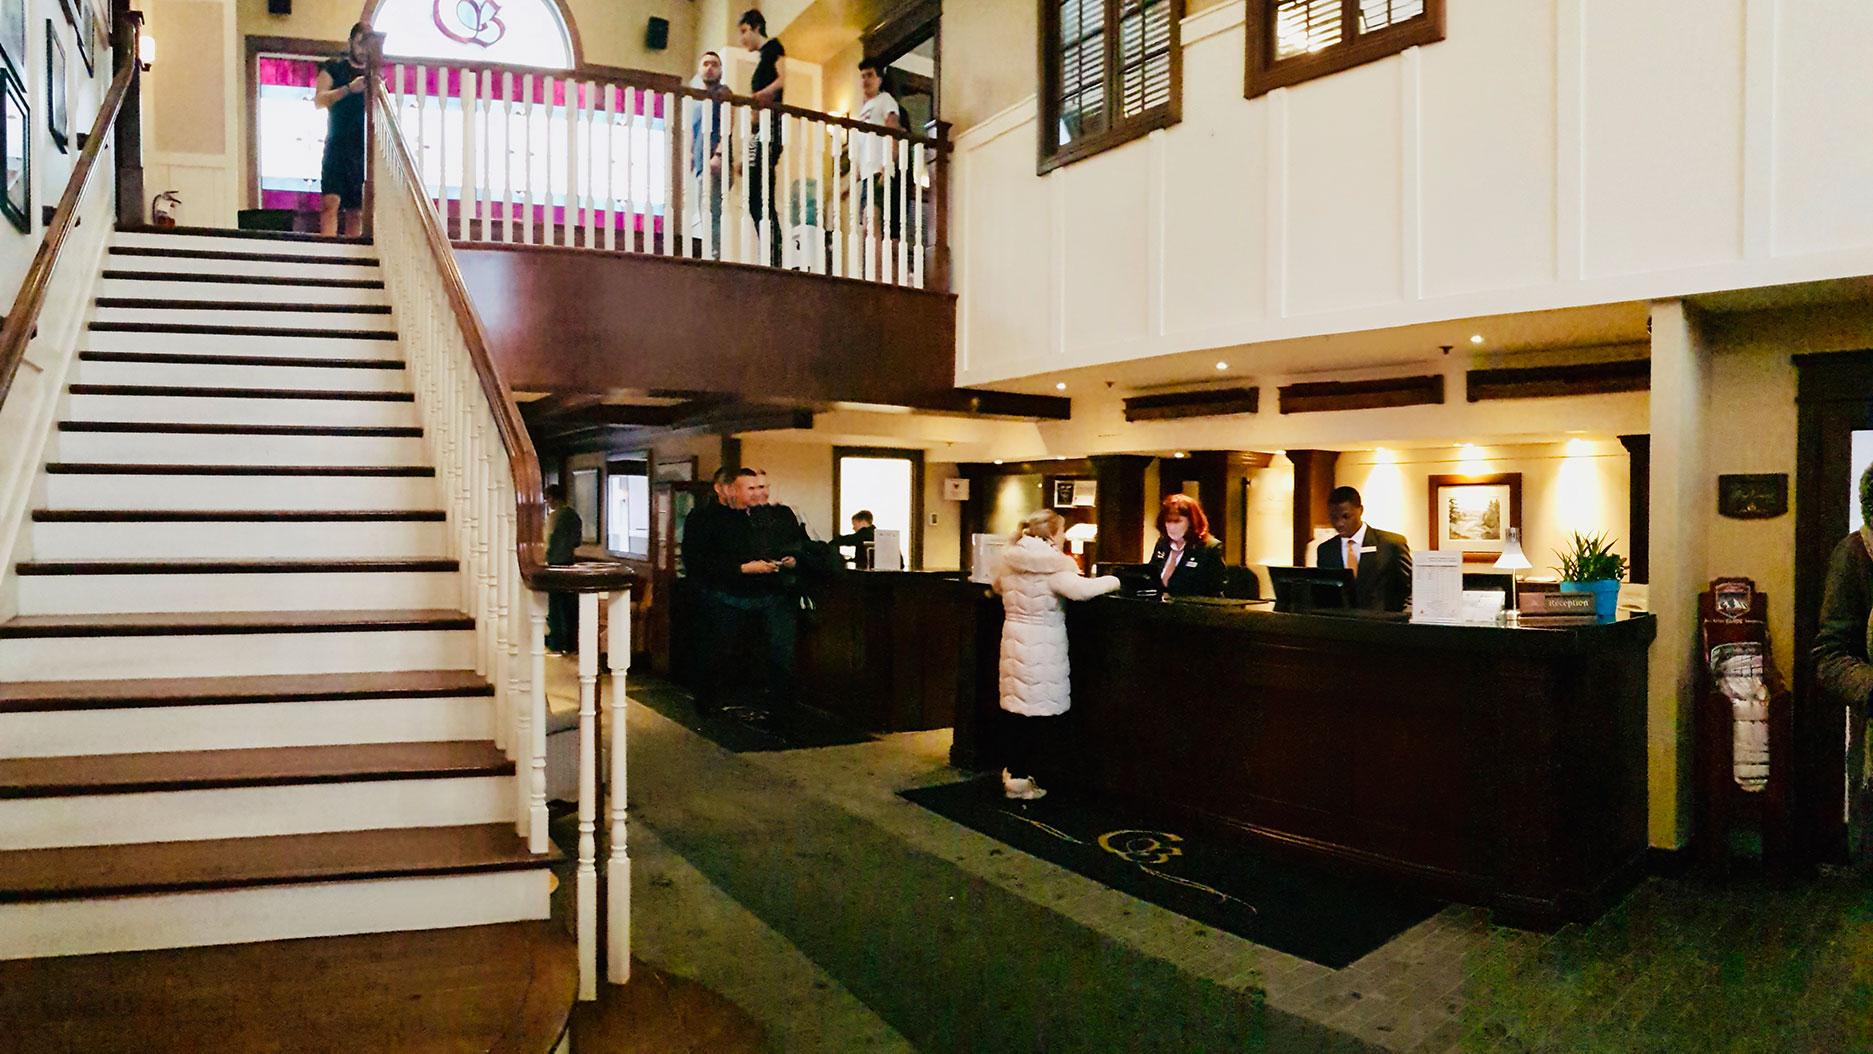 escalier au chateau beauvallon